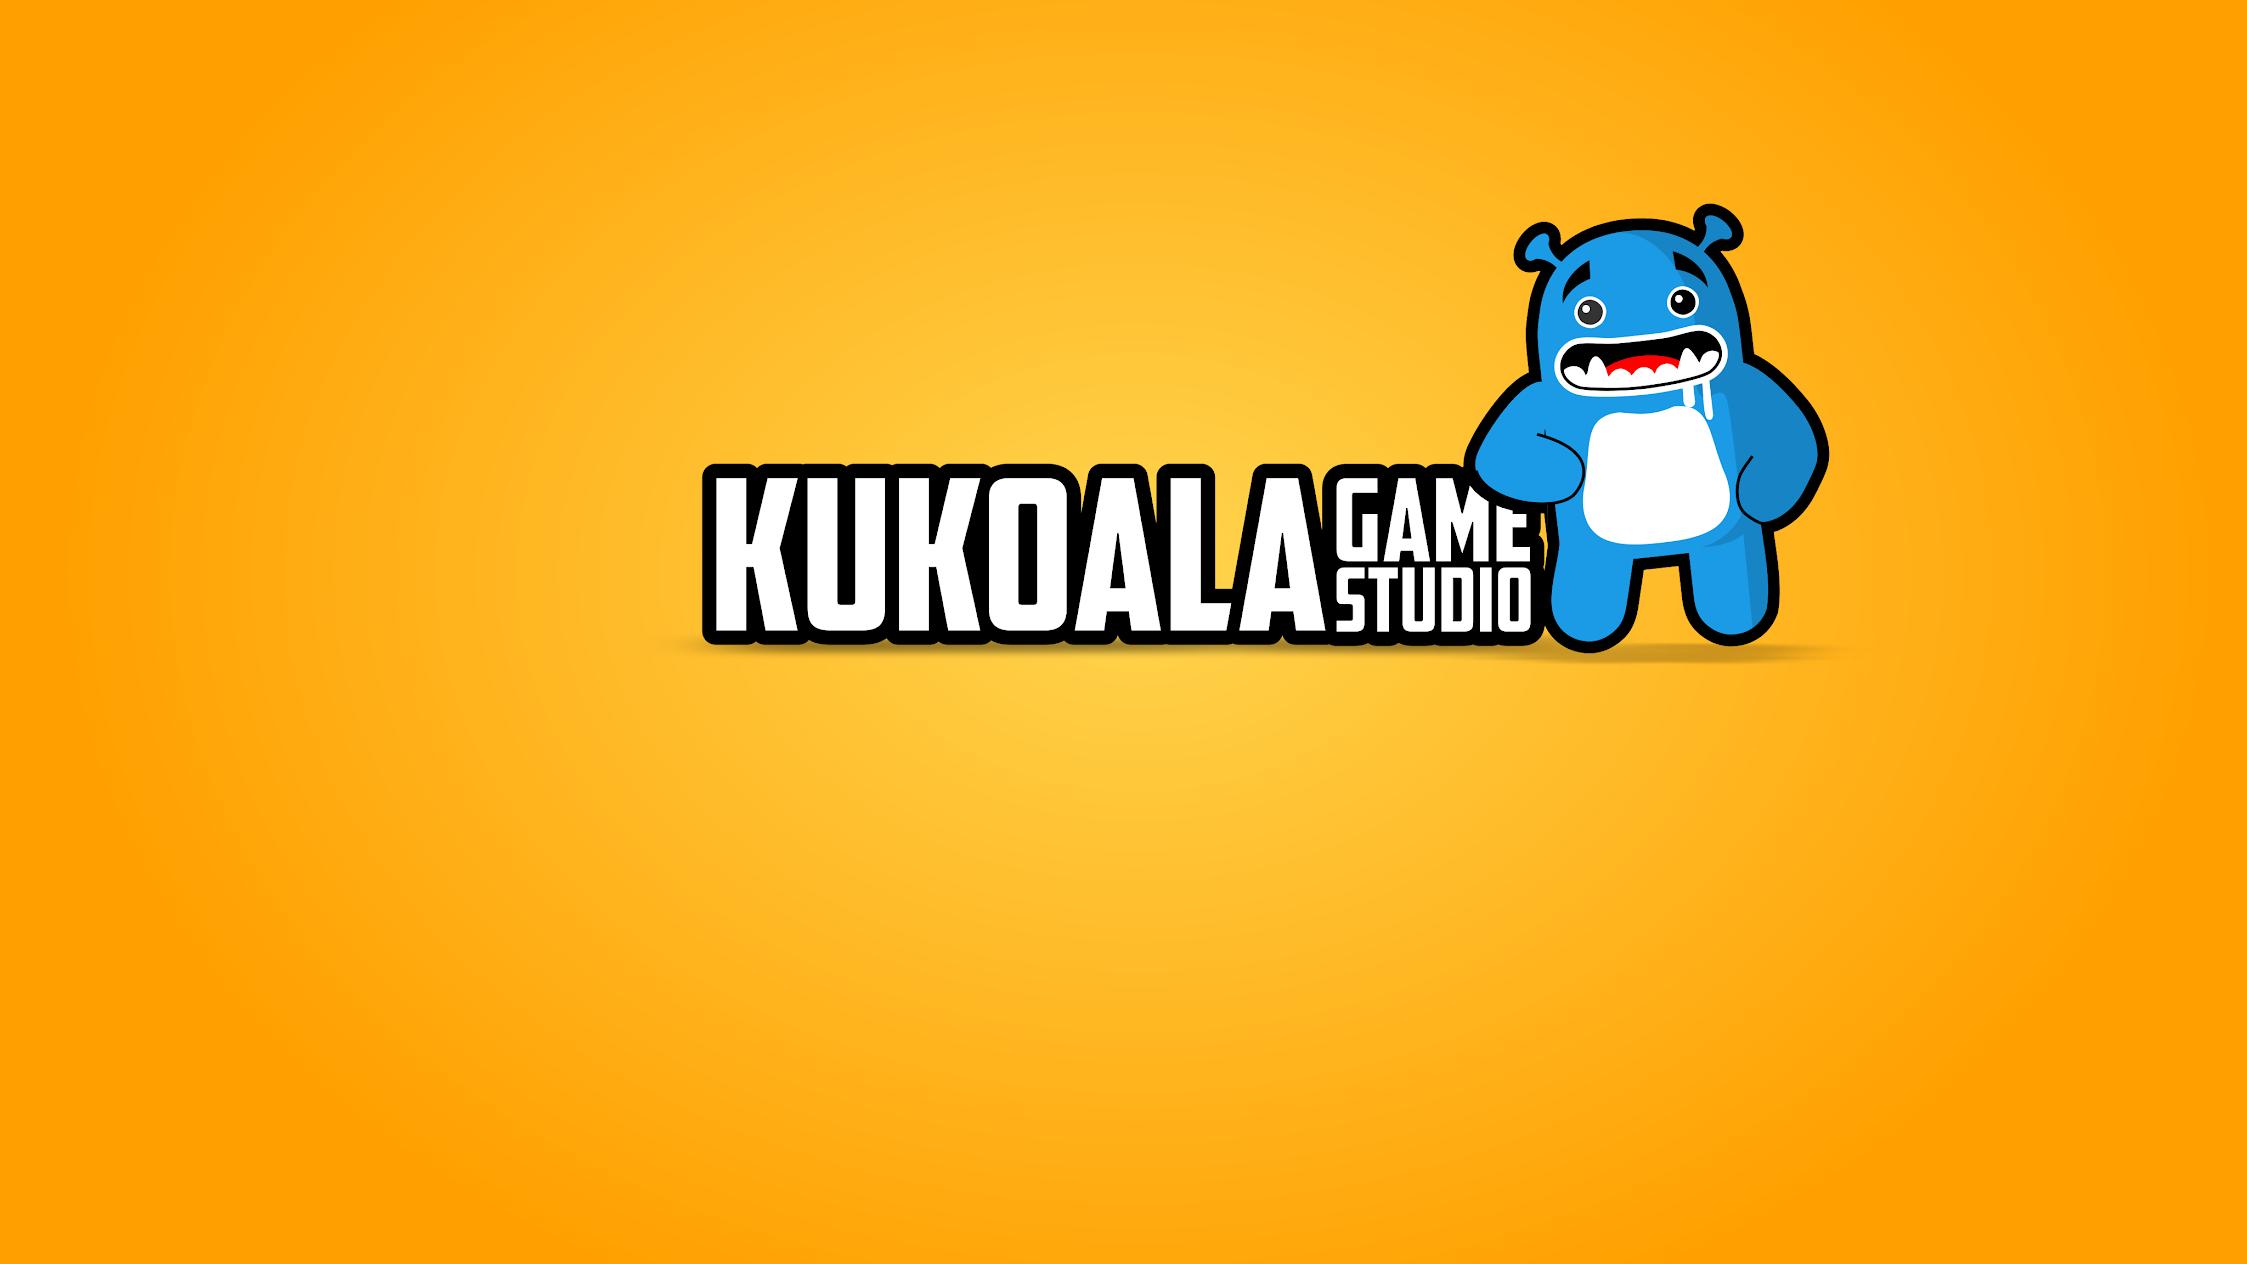 Kukoala Game Studio